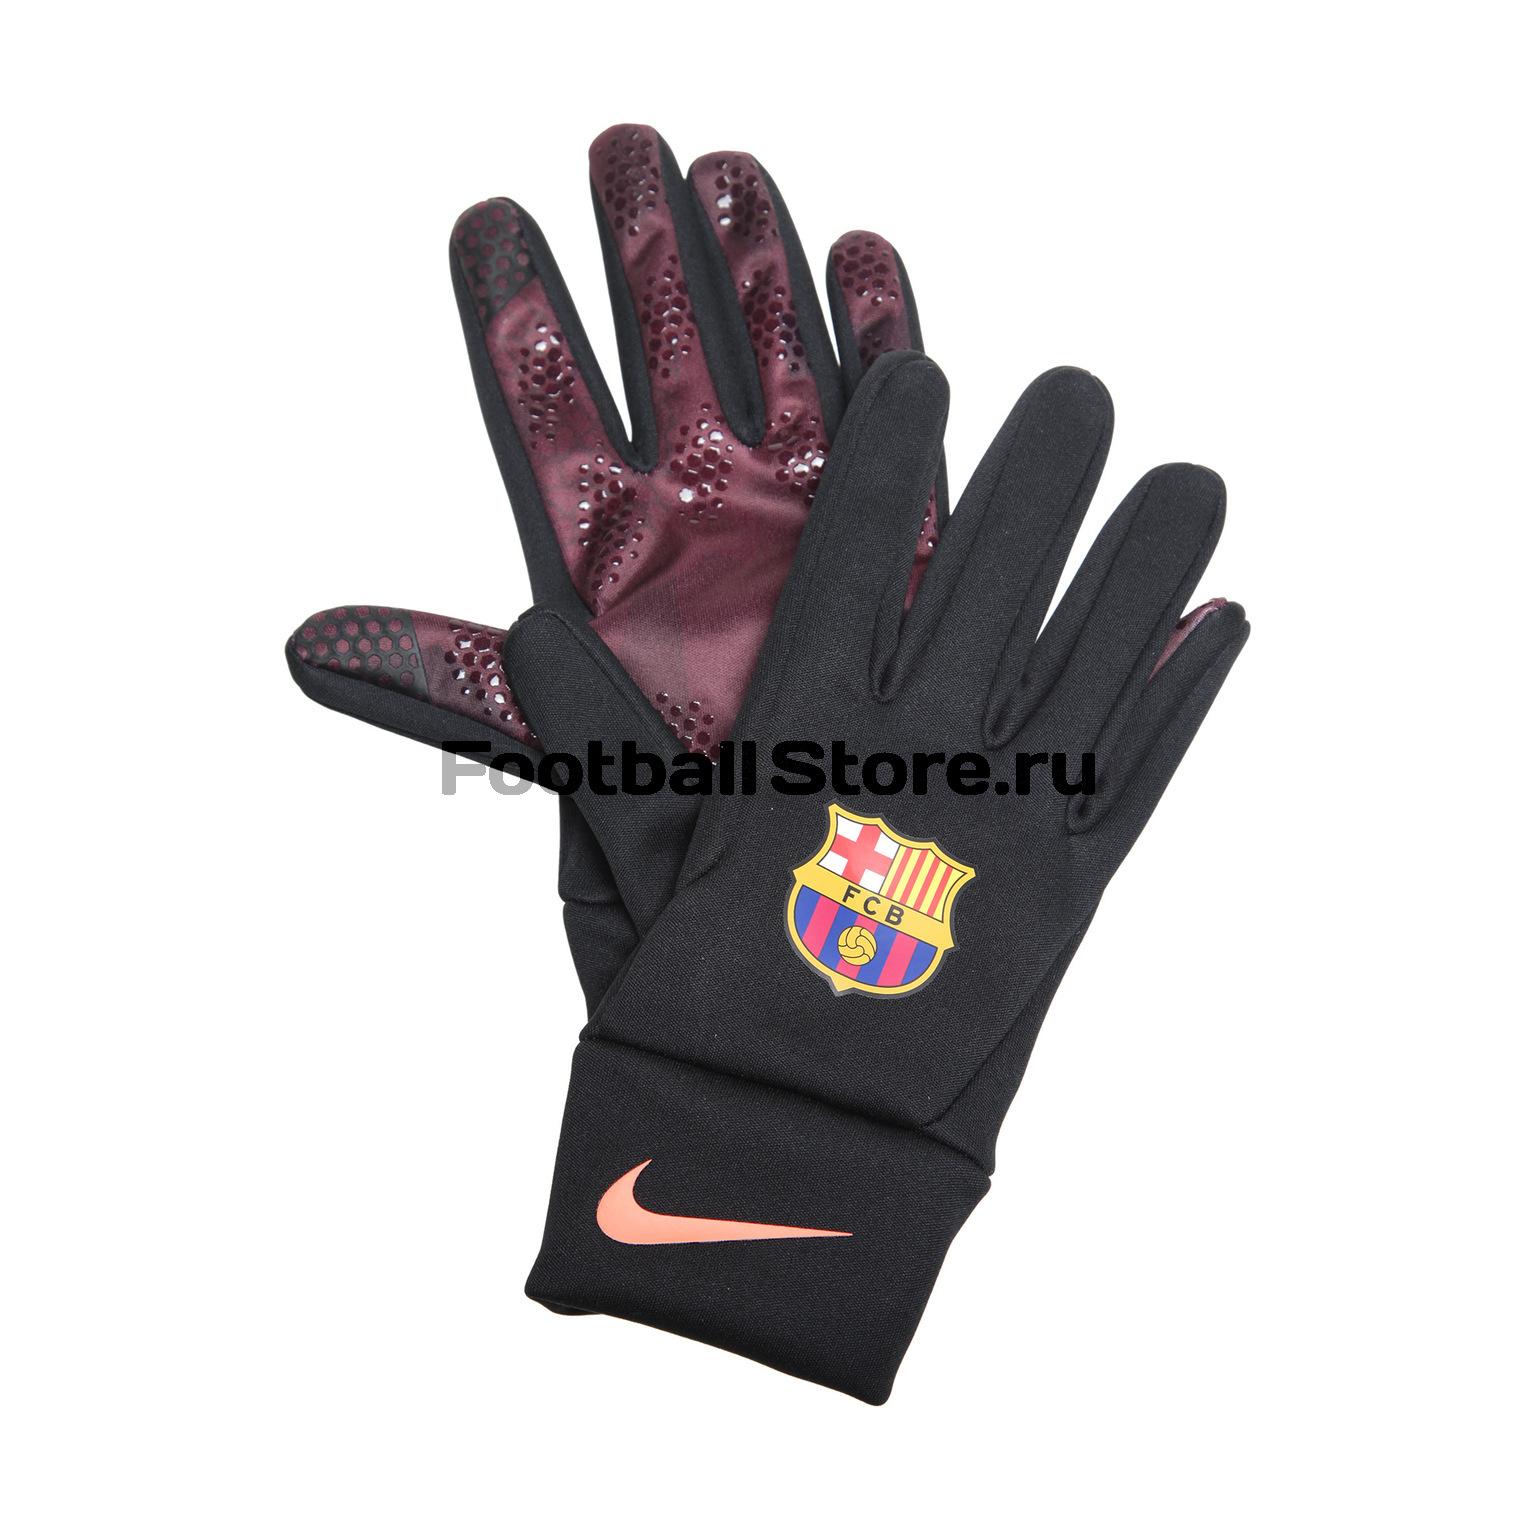 Перчатки тренировочные Nike Barcelona Stadium GS0348-010 barcelona nike брюки тренировочные nike barcelona aa1935 036